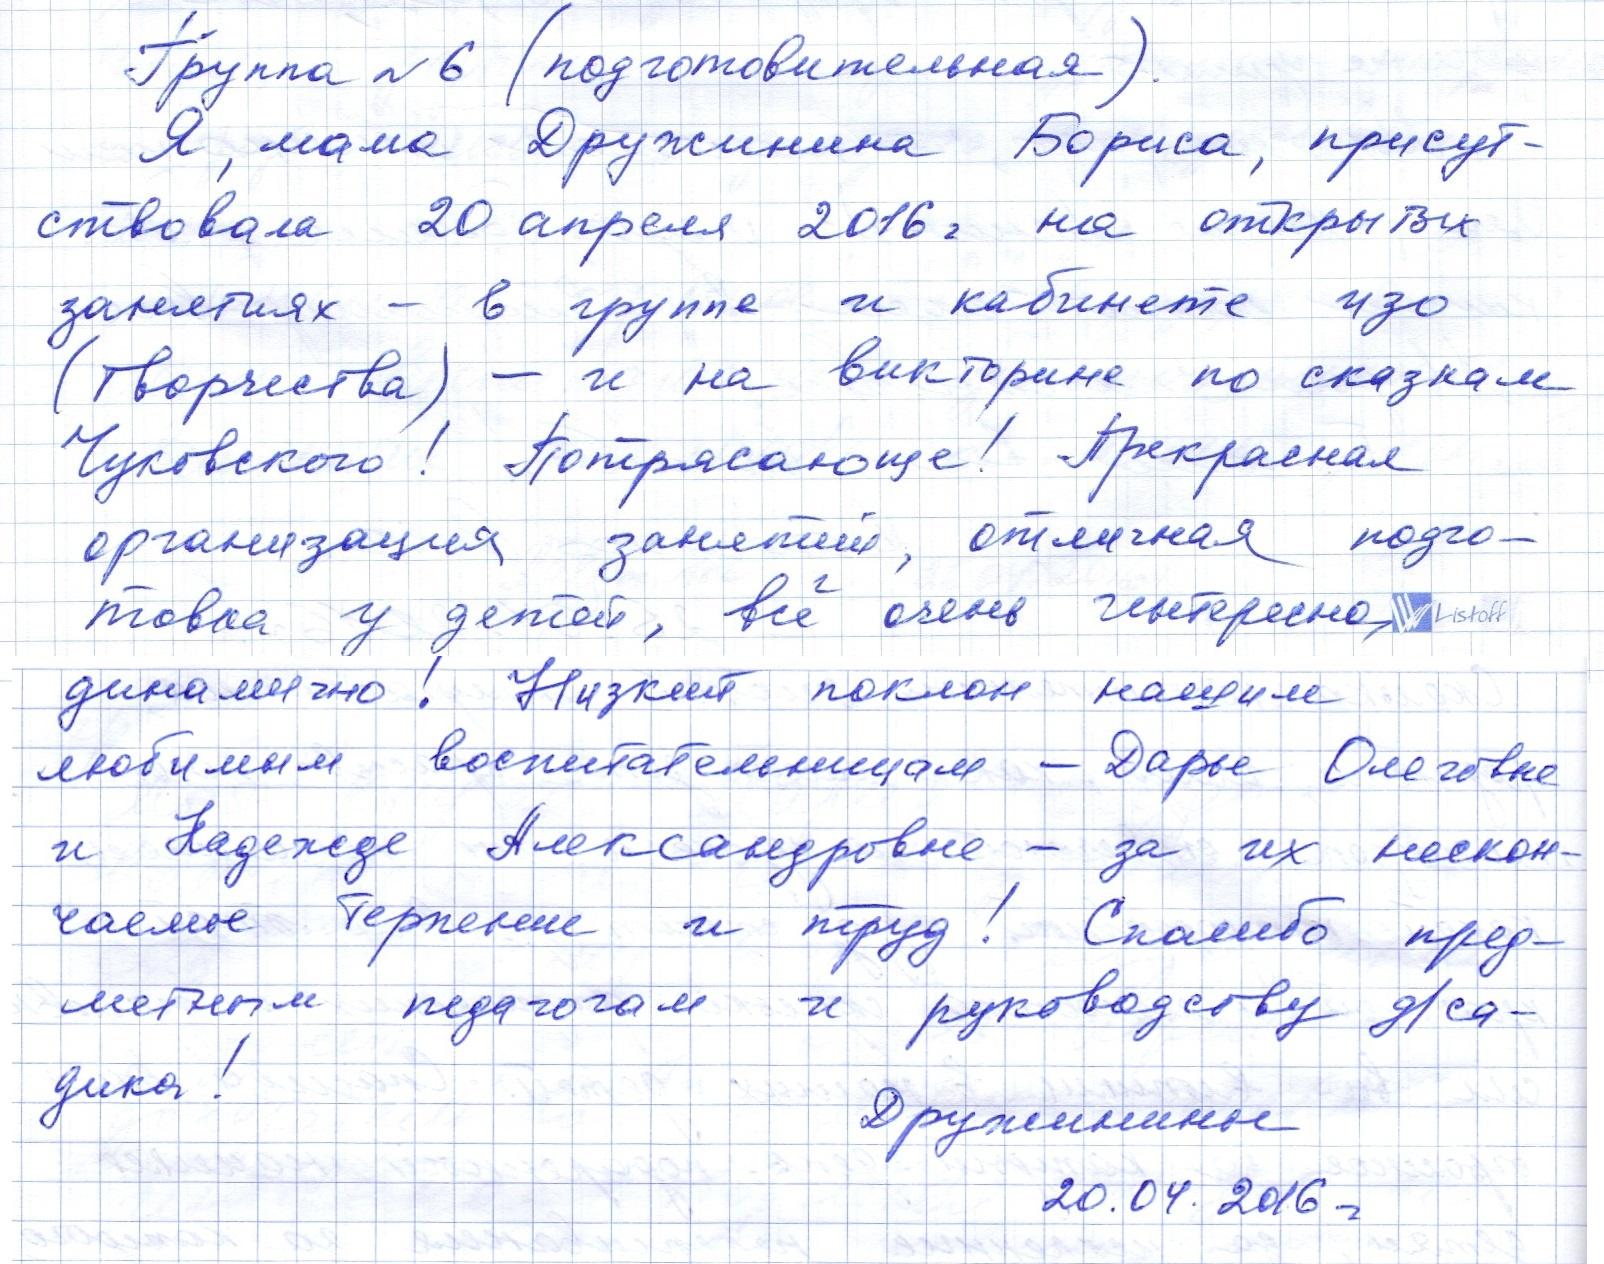 С особой теплотой и сердечностью искренне хотим выразить признательность и уважение Дарье Олеговне и Оксане